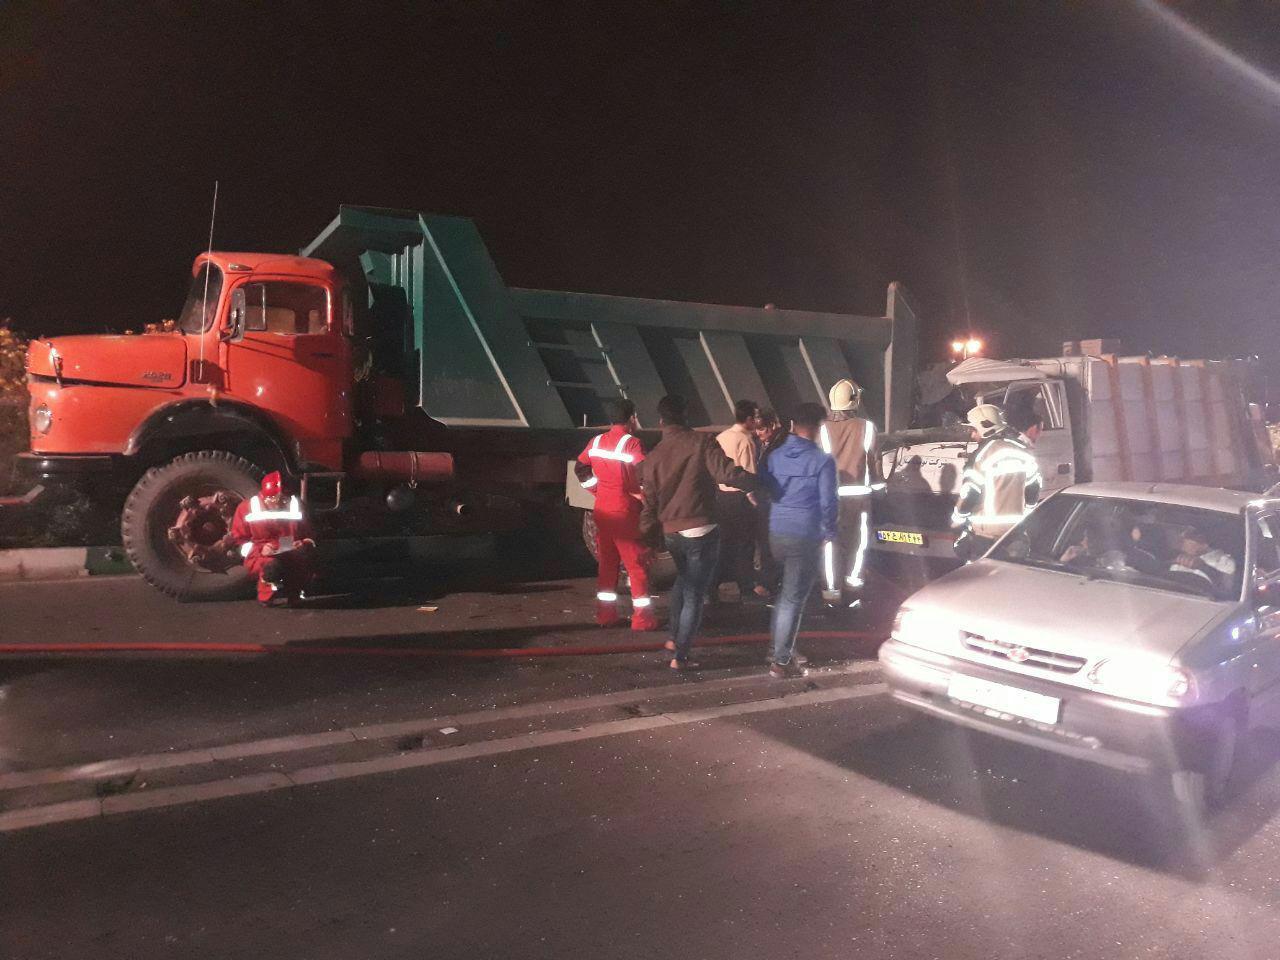 فوت یک تن در حادثه برخورد یک دستگاه کامیونت هیوندا با کامیون